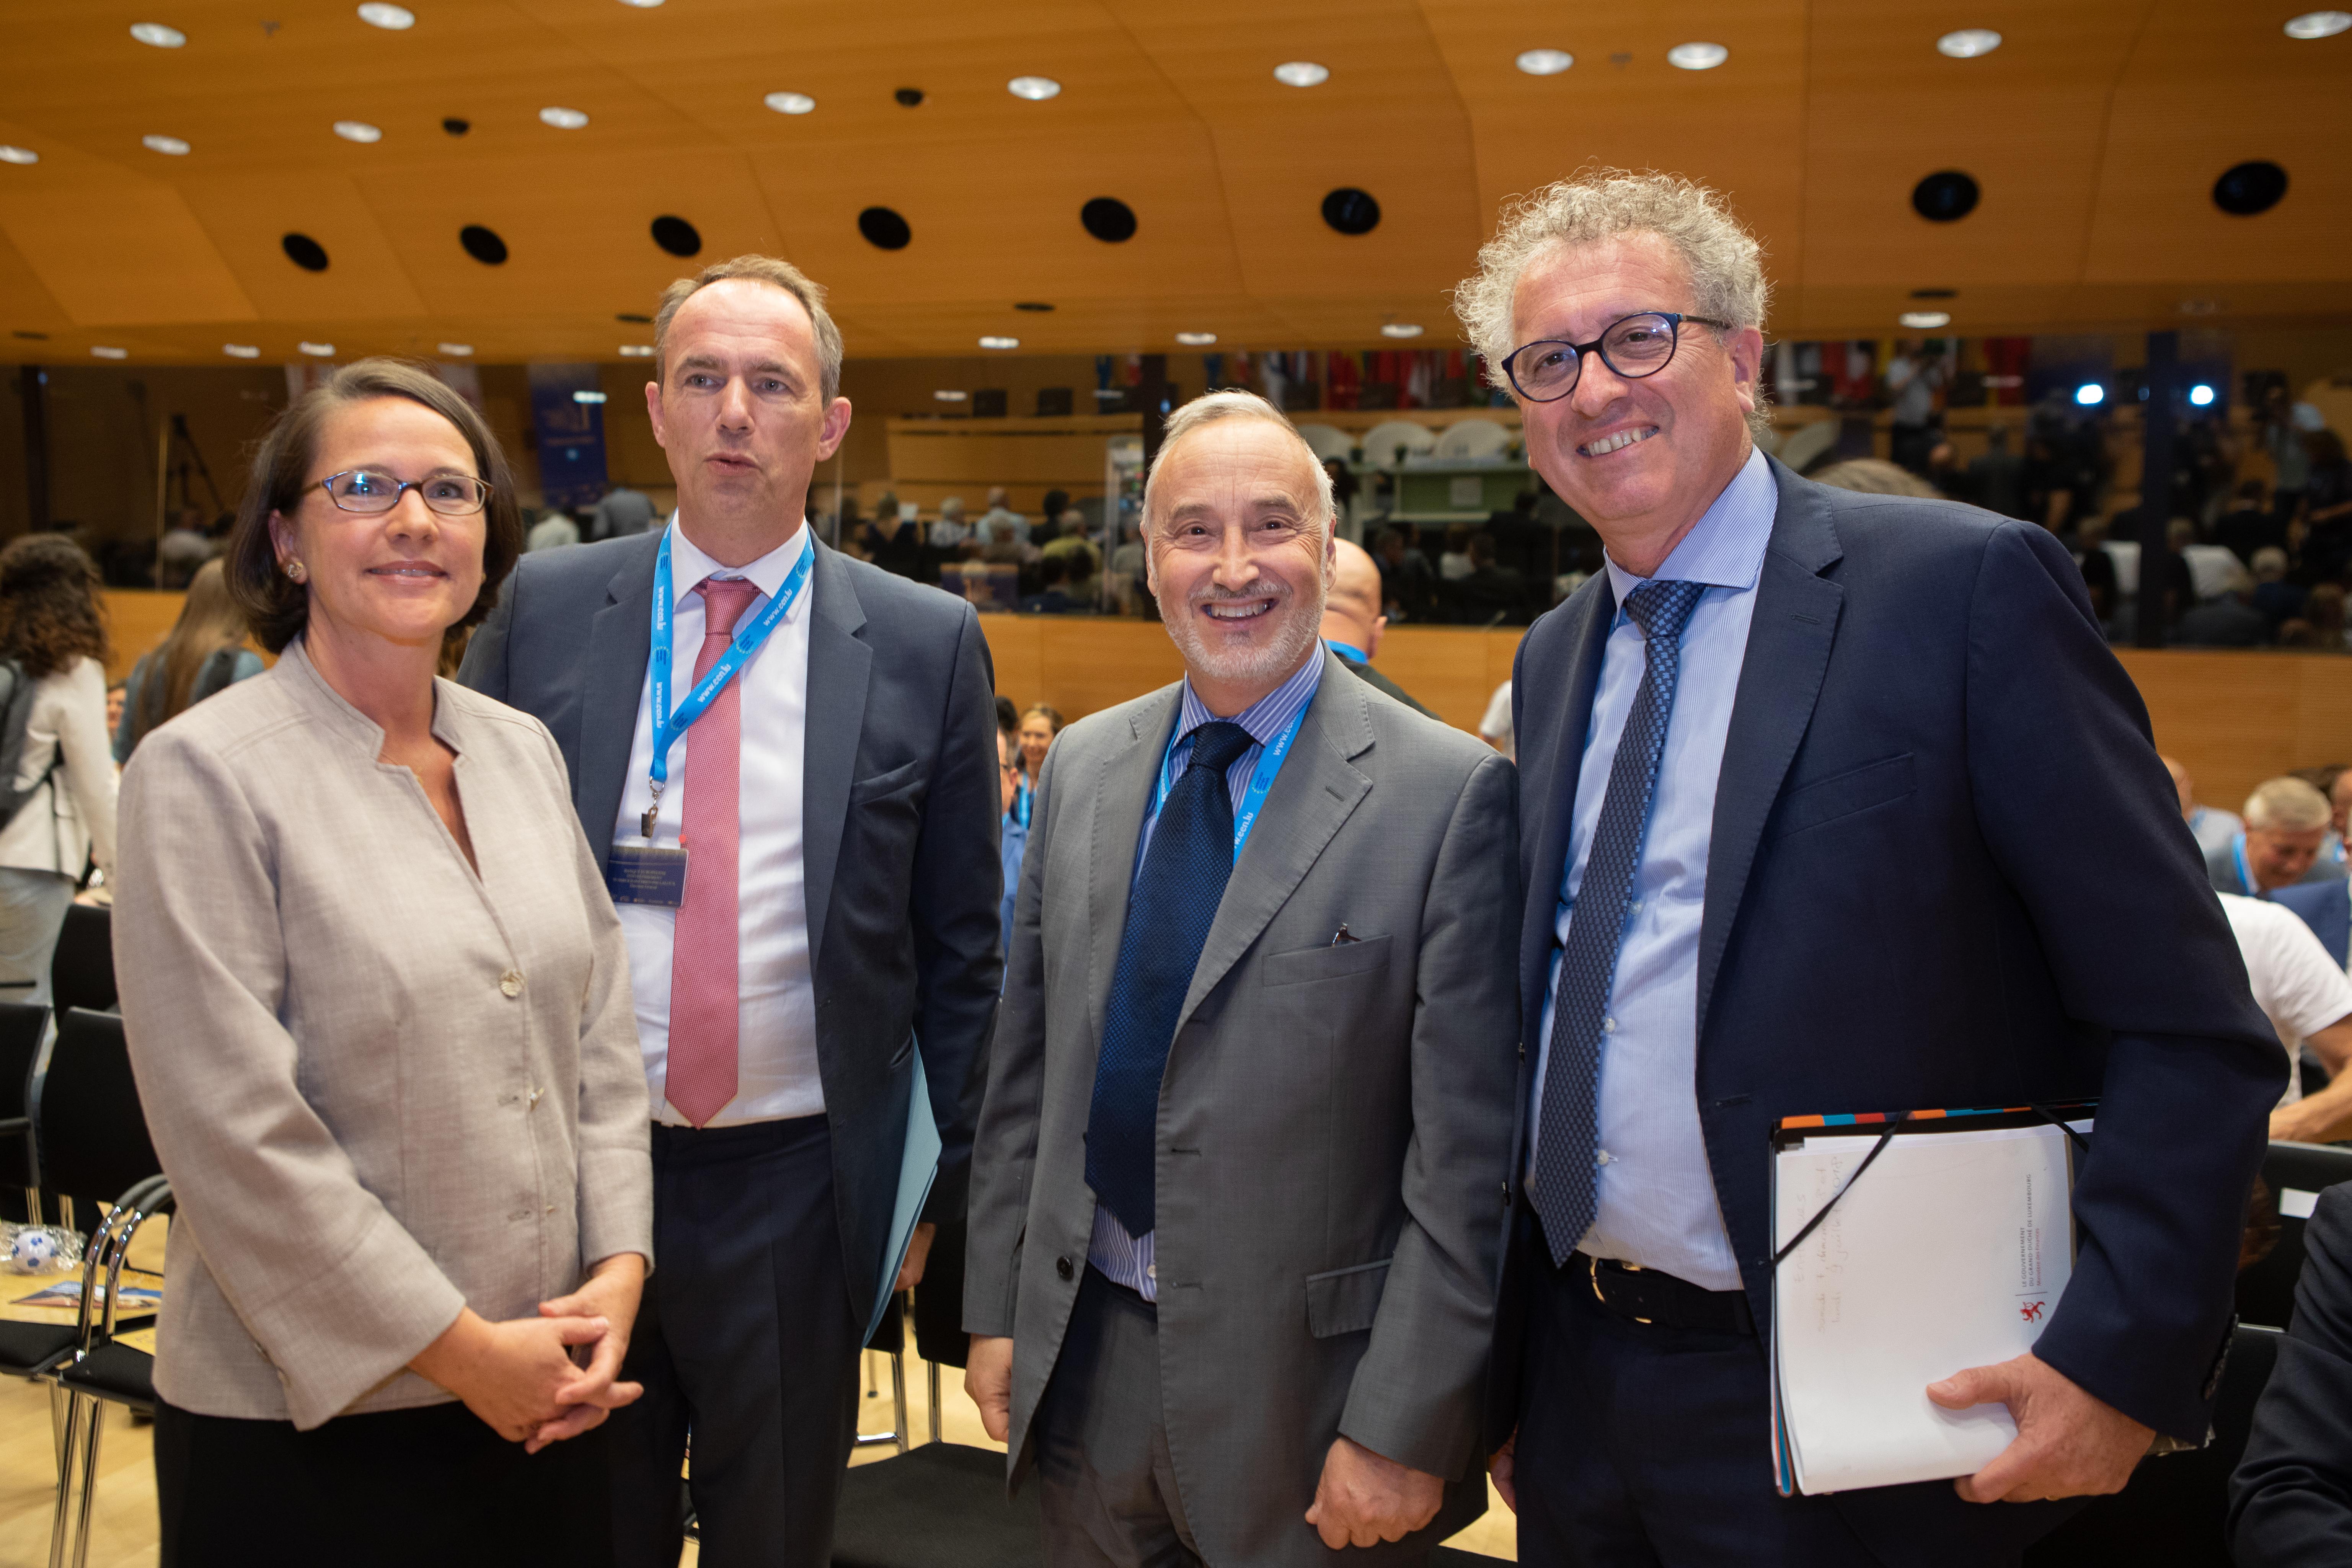 Yuriko Backes (Commission européenne), Giacomo Mattino (Entreprise Europe Network) et Pierre Gramegna (Ministre des Finances) étaient notamment présents